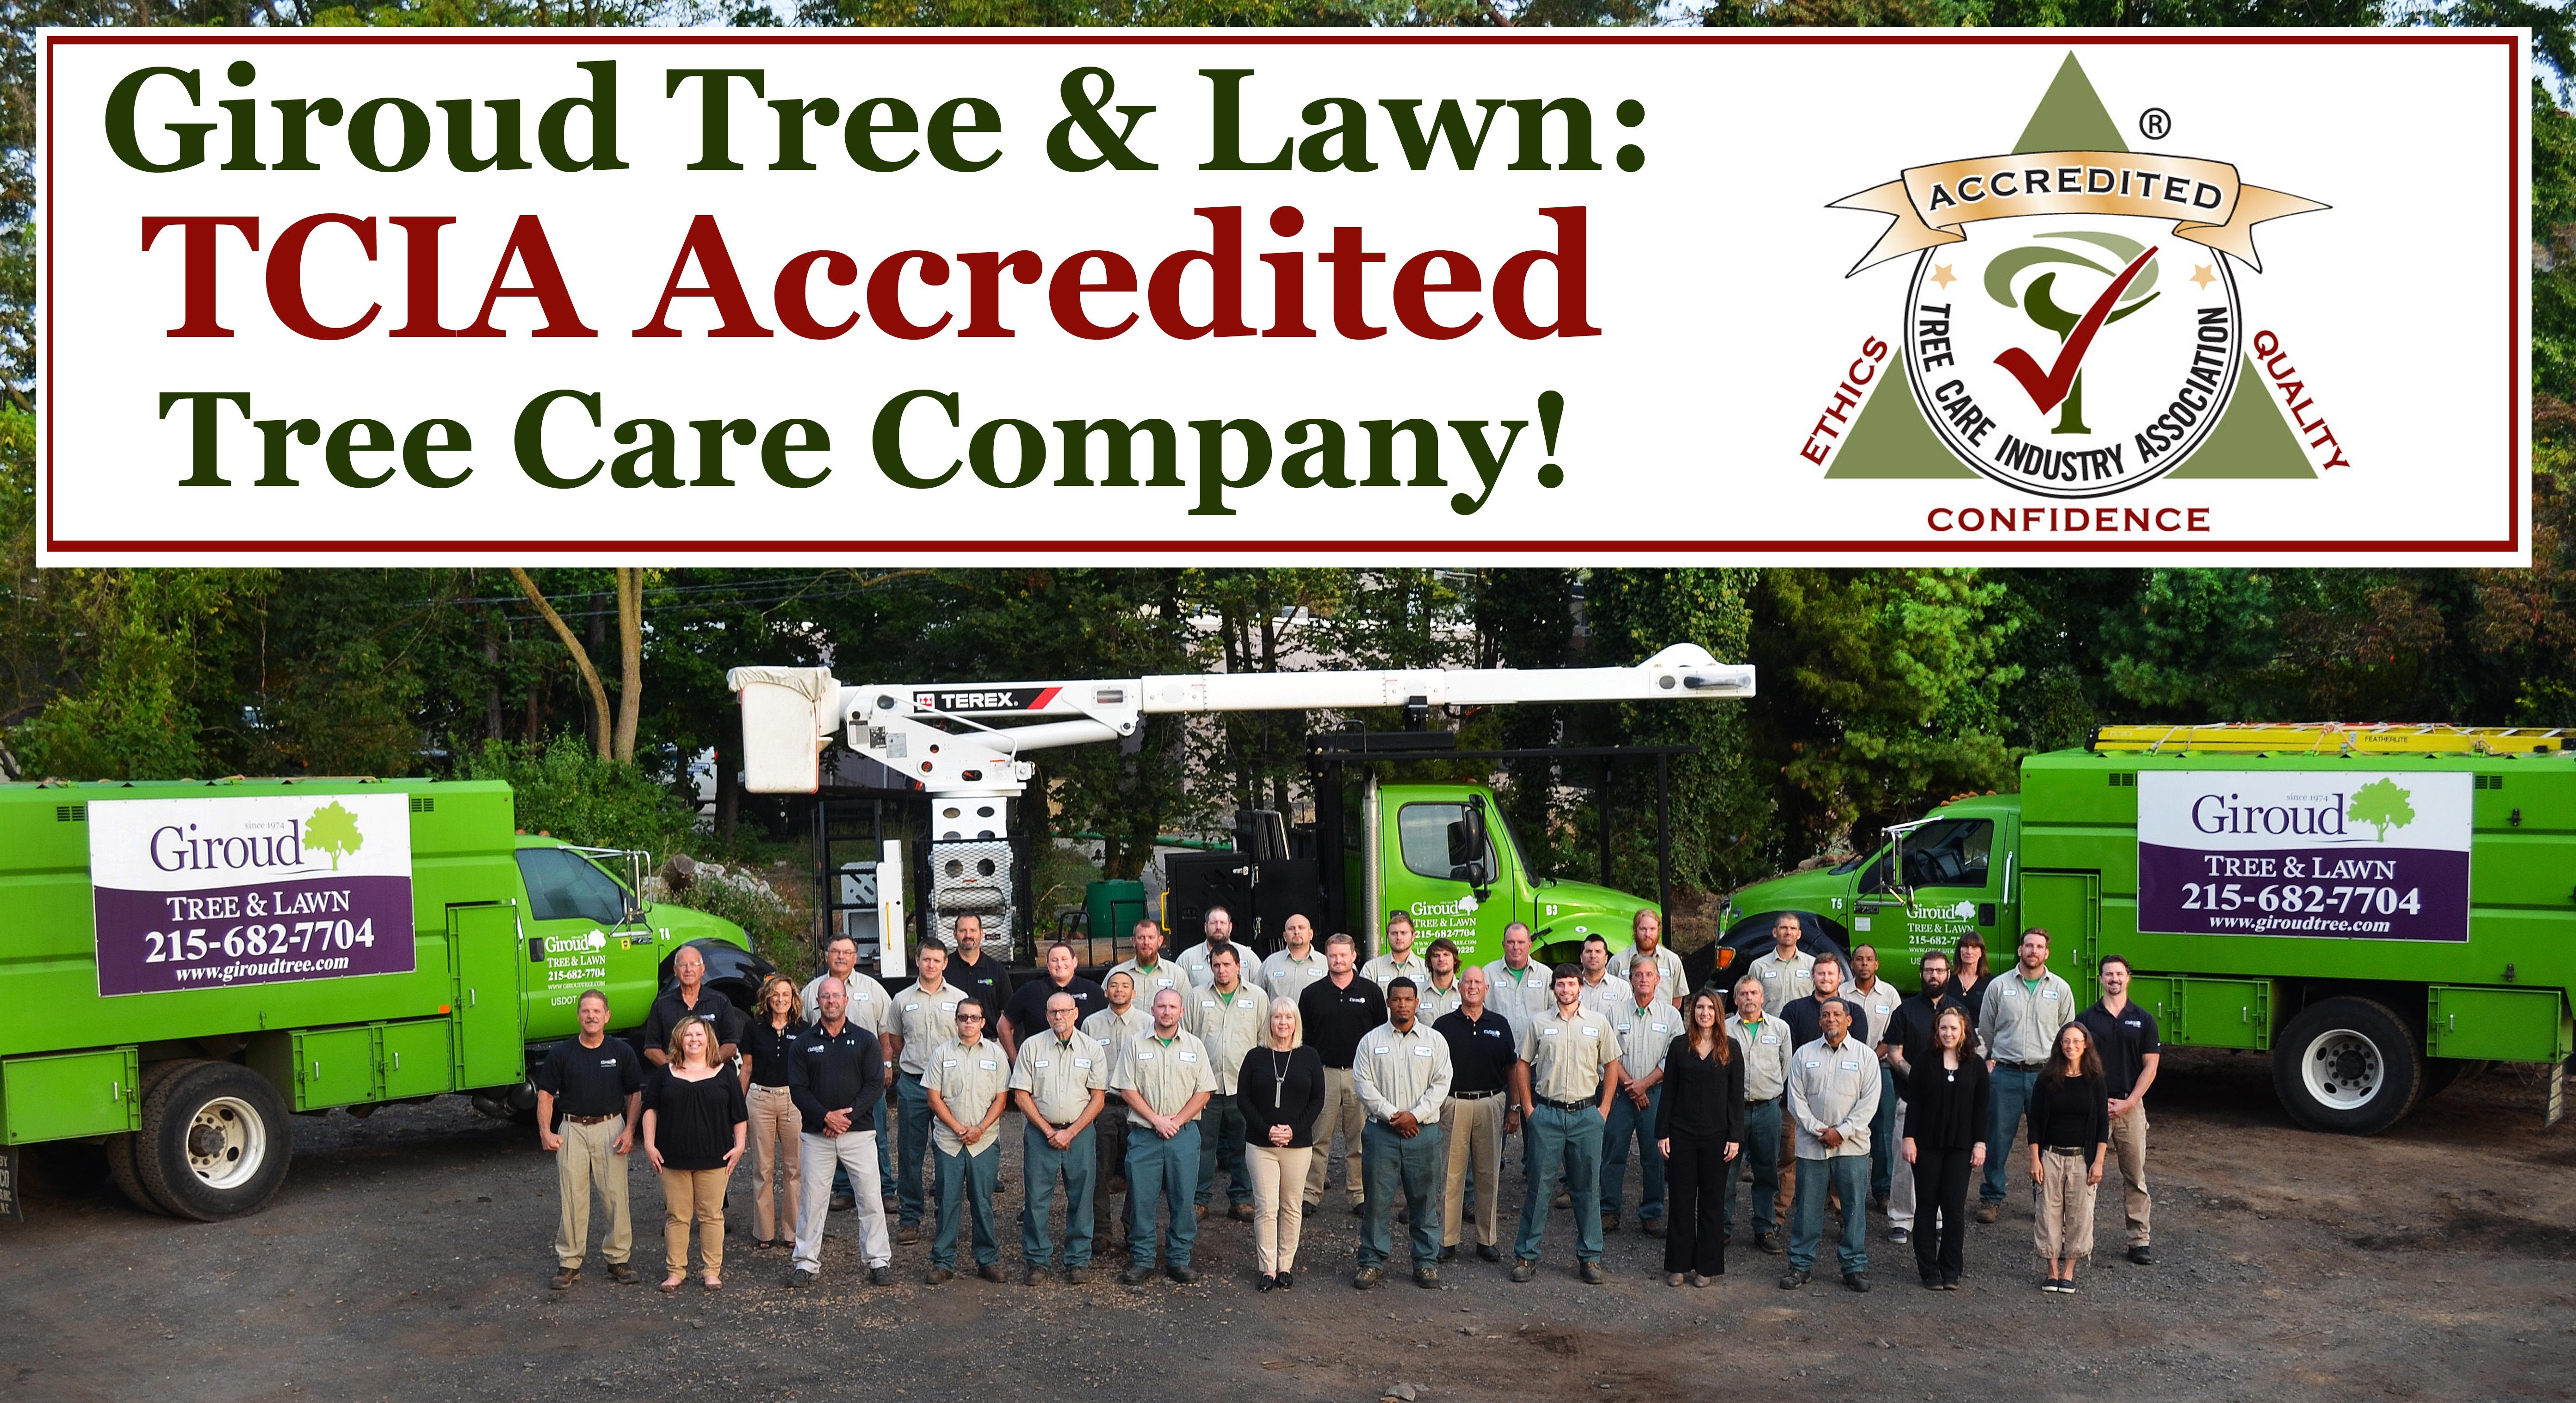 Giroud Tree & Lawn TCIA Accredited